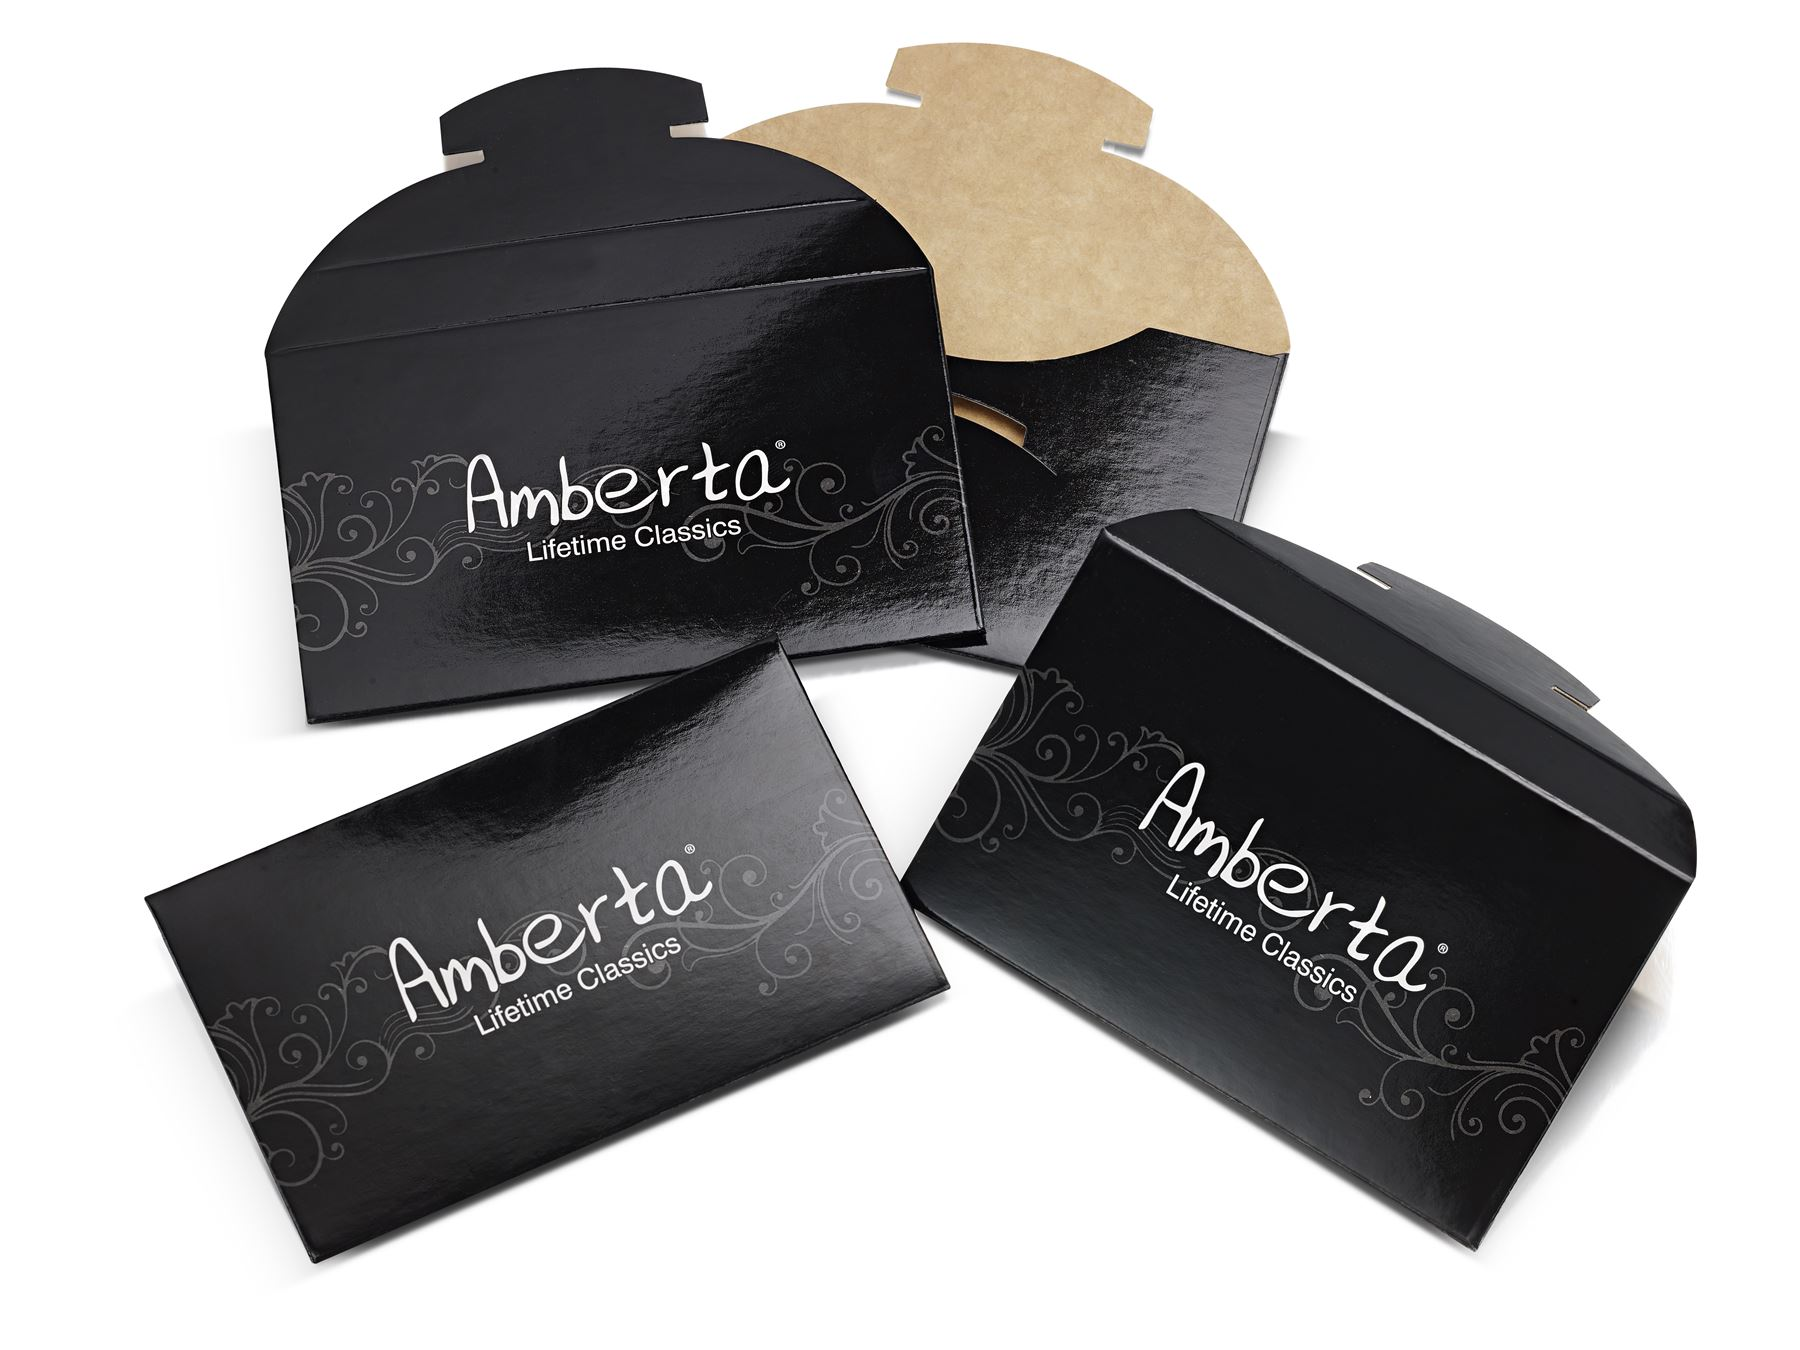 Amberta-Bijoux-Bracelet-en-Vrai-Argent-Sterling-925-Chaine-pour-Femme-a-la-Mode thumbnail 41